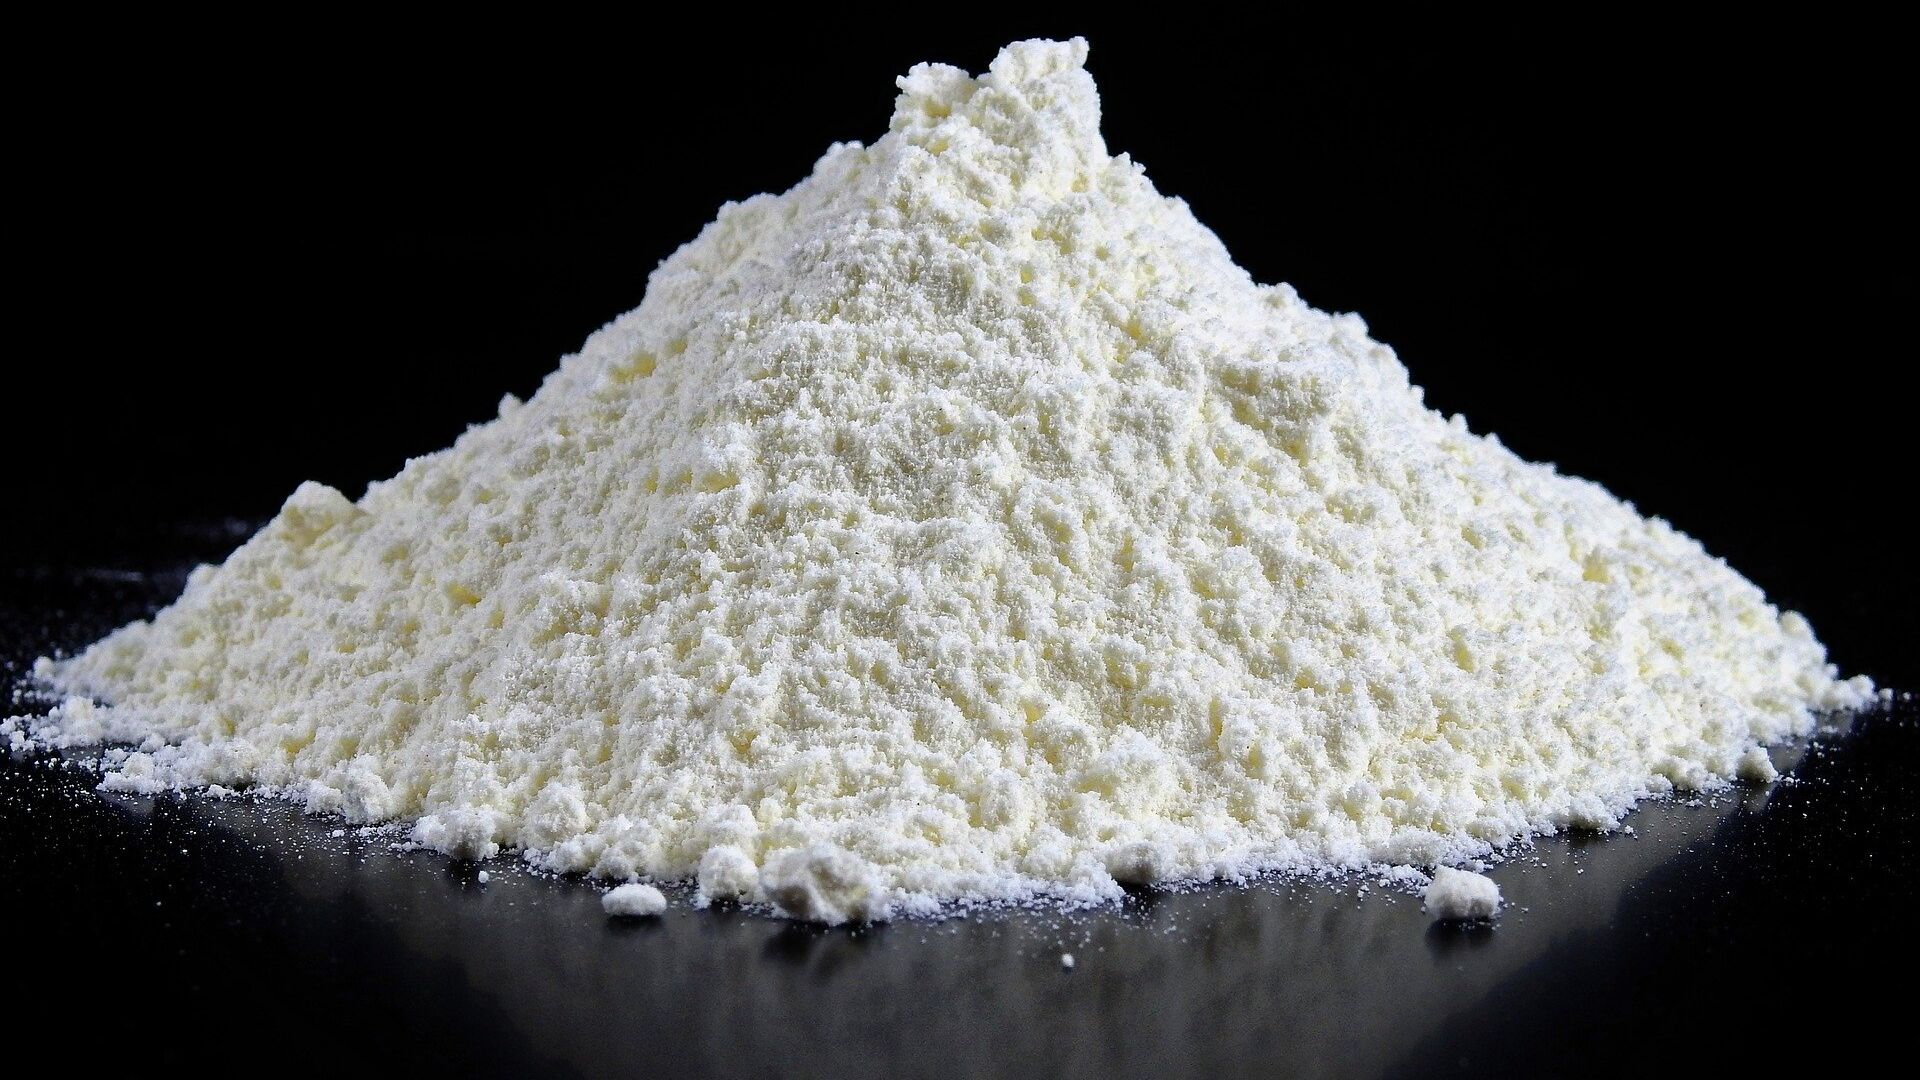 Cocaína (imagen referencial) - Sputnik Mundo, 1920, 23.02.2021